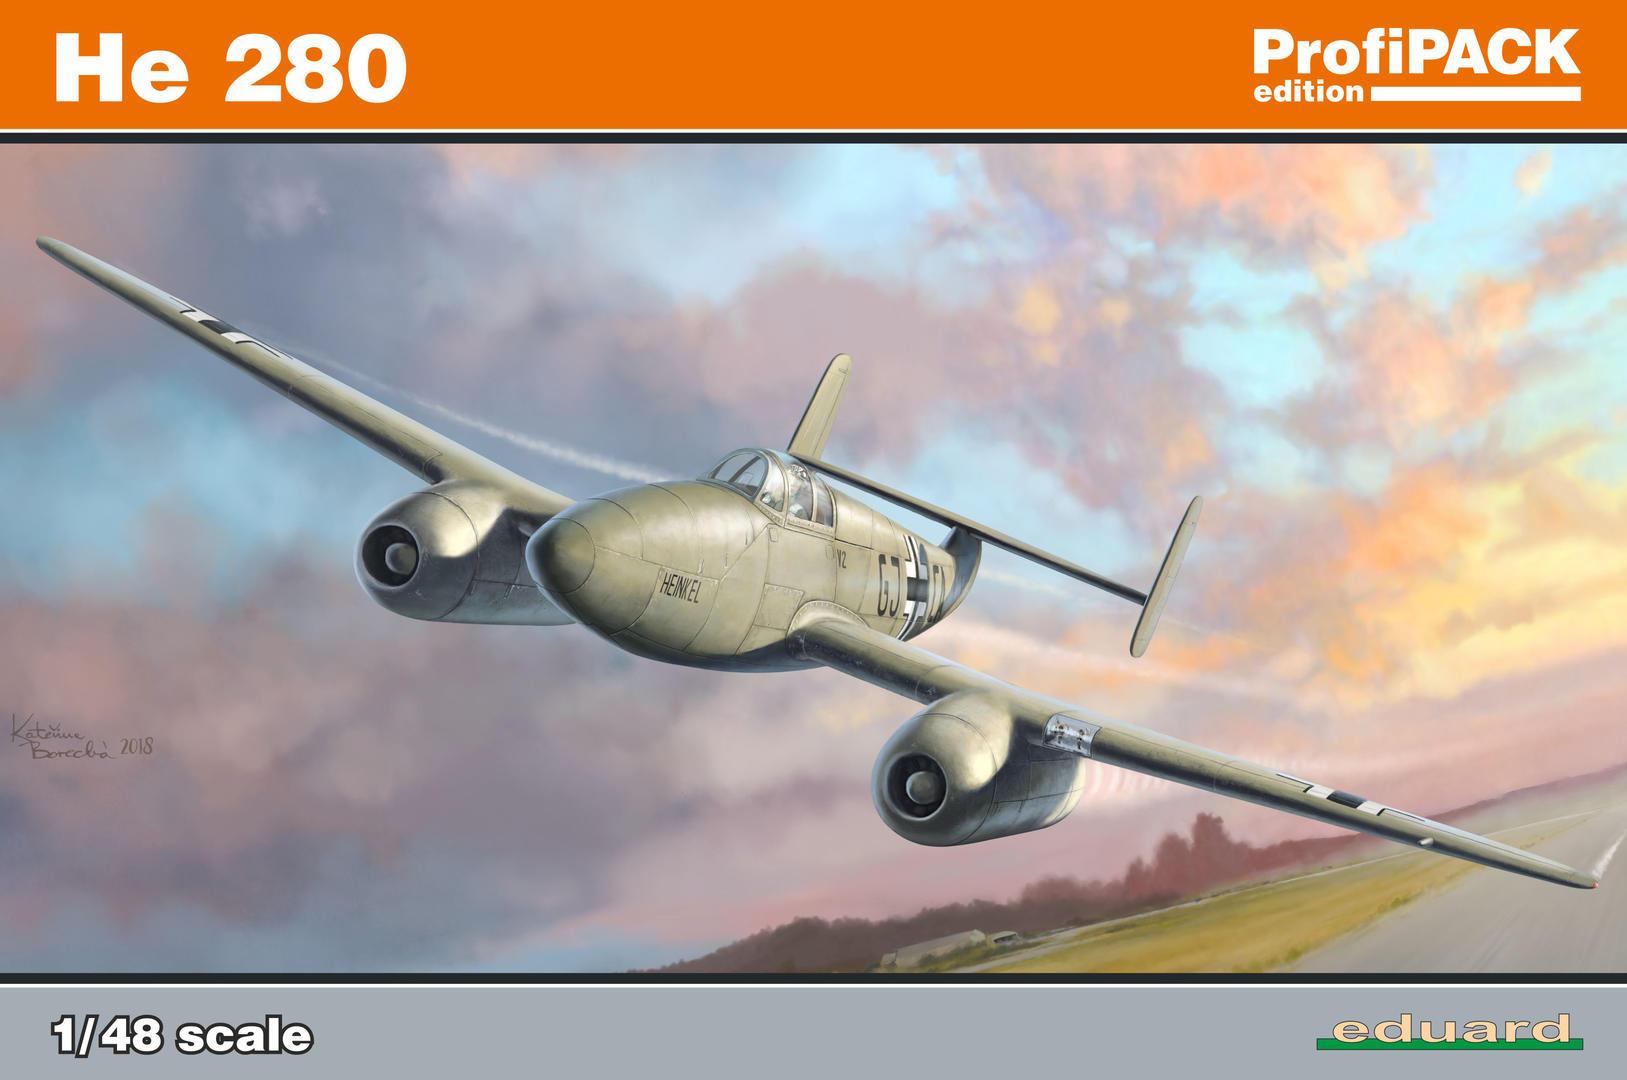 Eduard-8068-Heinekl-he-280-Deckelbild Heinkel He 280 PROFIPACK in 1:48 von Eduard 8068